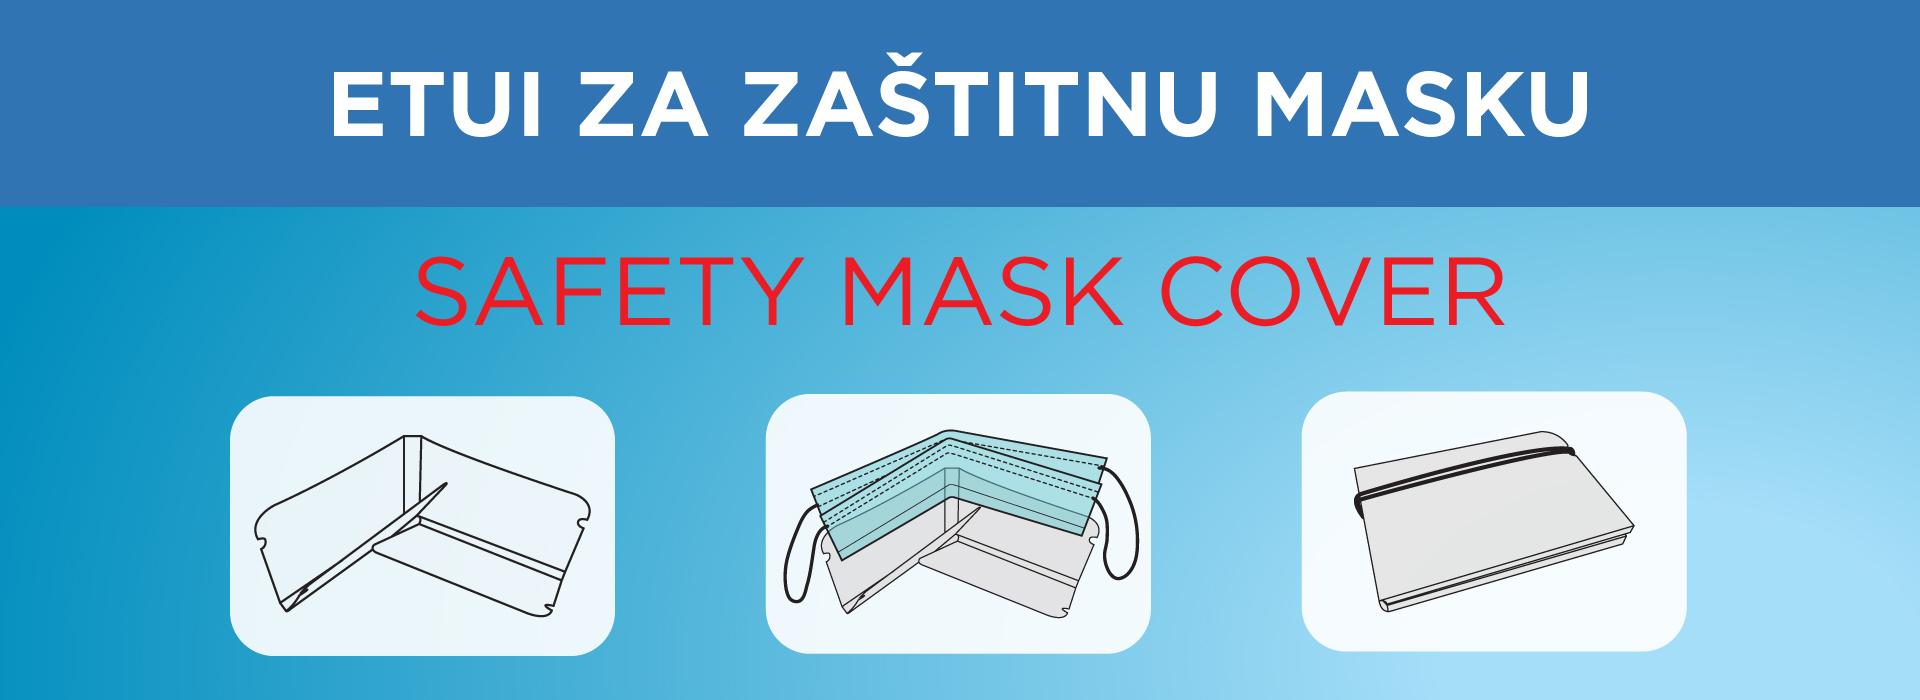 Etui za zaštitnu masku